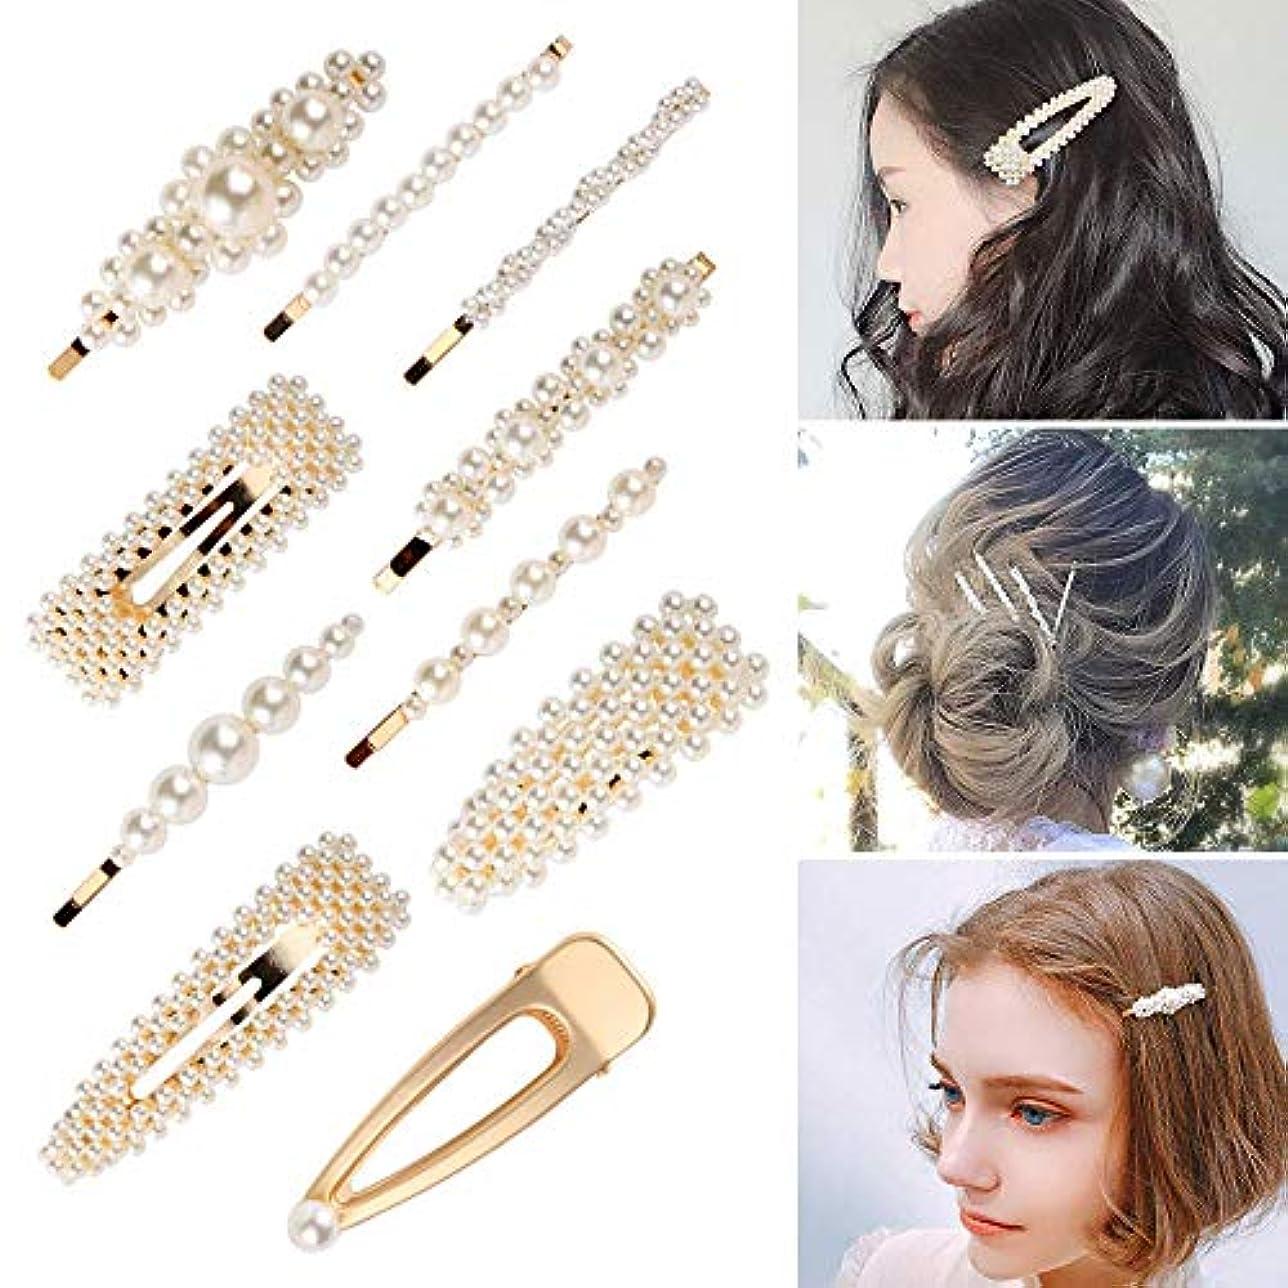 衣類突き出すしつけパール ヘアクリップ ヘアピン ヘアアクセサリー 髪留め 髪飾り 結婚式 卒業式 入学式 パーティ レディース ゴールド 10本セット